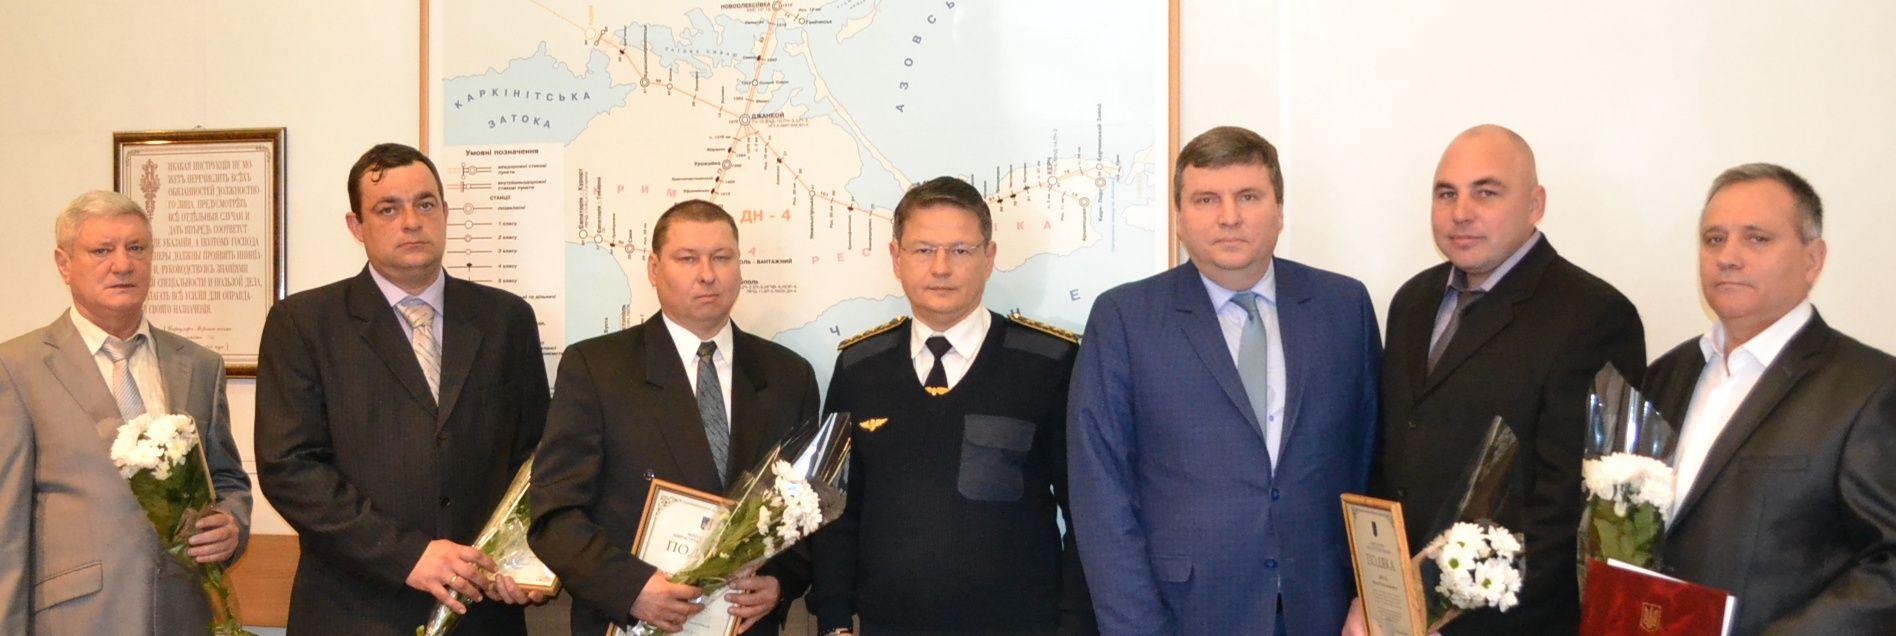 dp.uz.gov.ua: Найкращі працівники Придніпровської залізниці отримали                   високі відзнаки